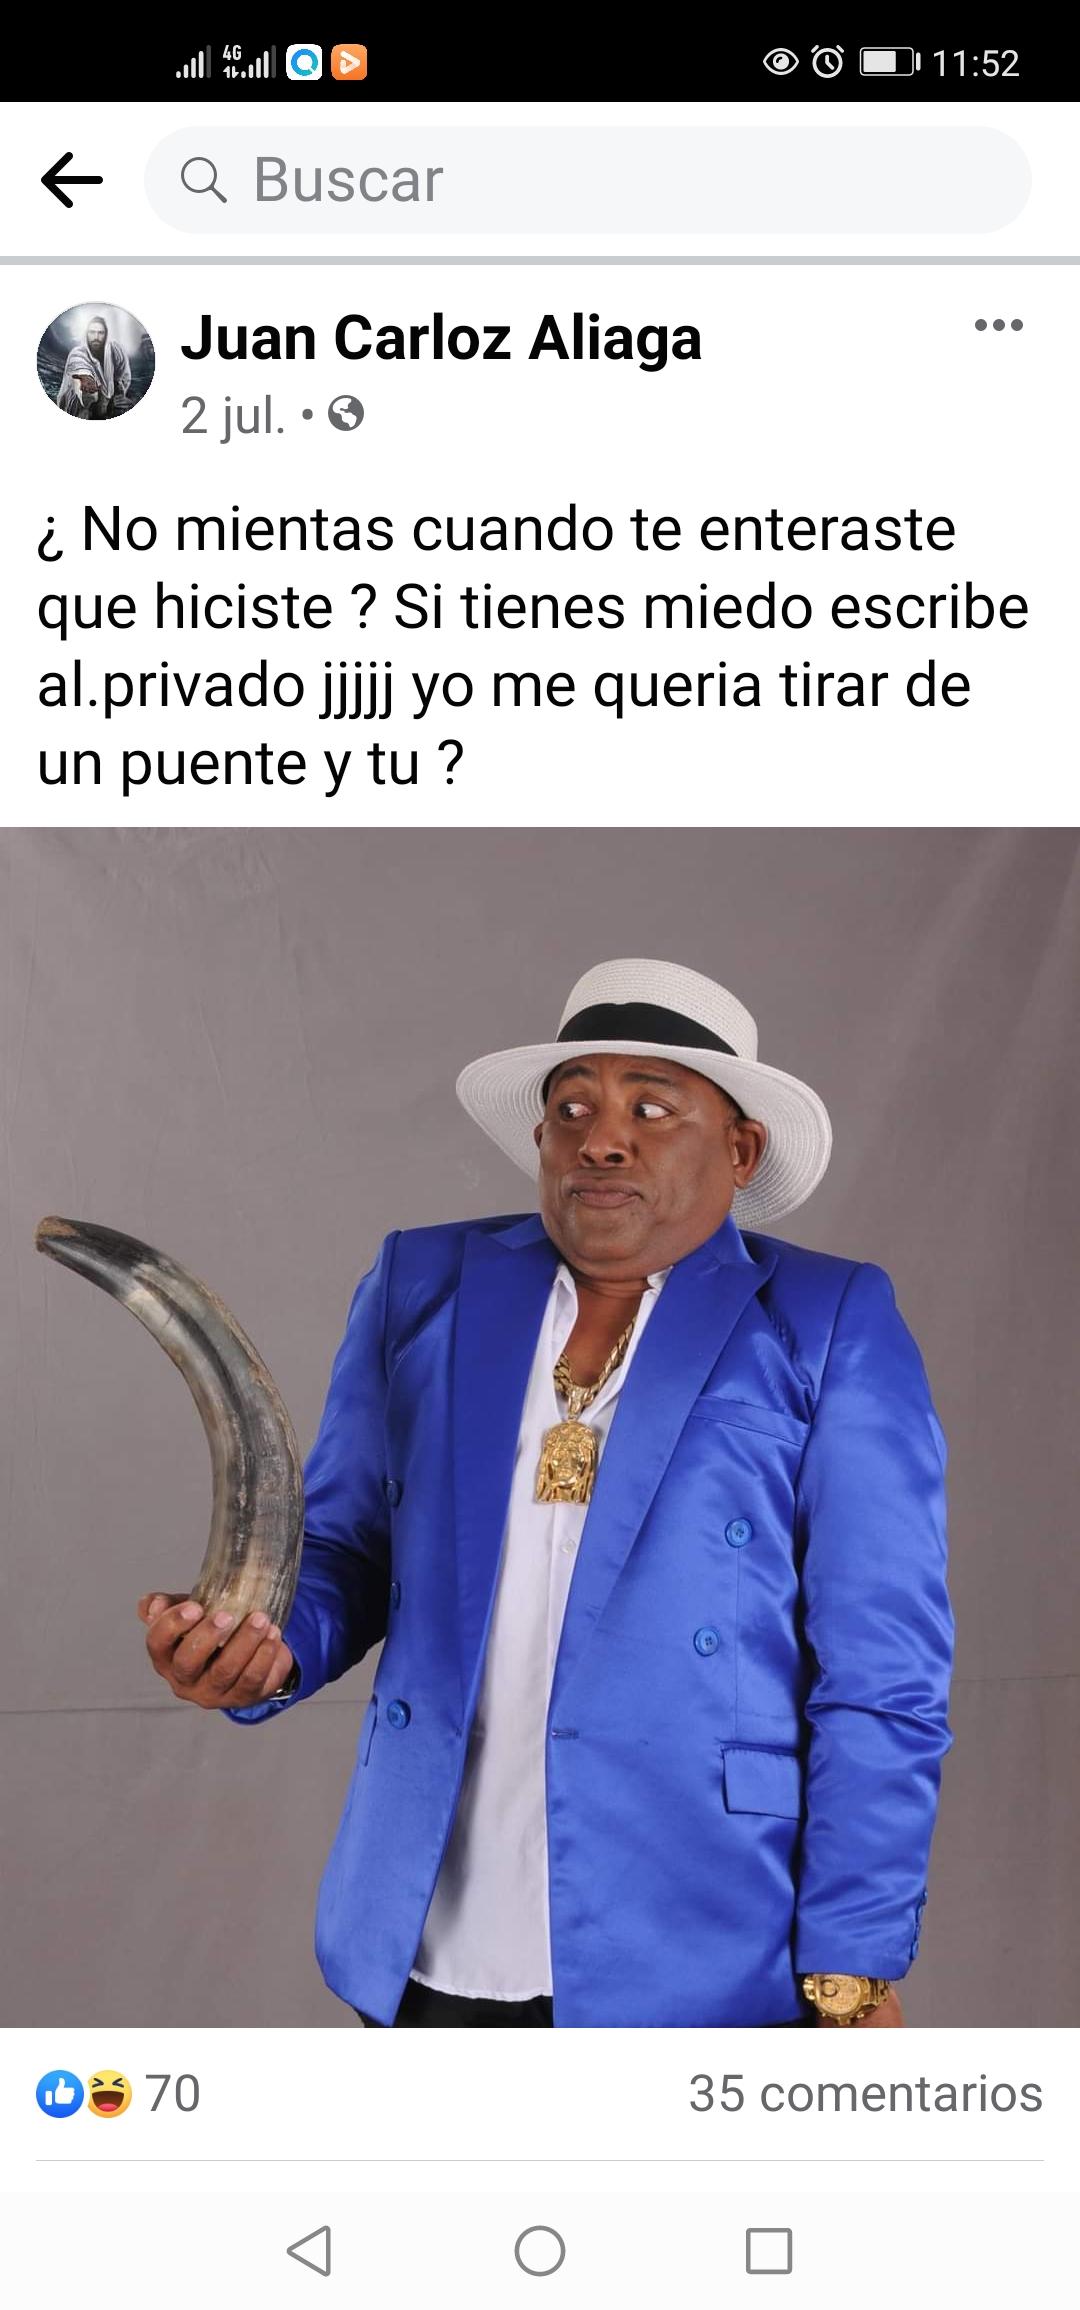 Juan Carloz Aliaga